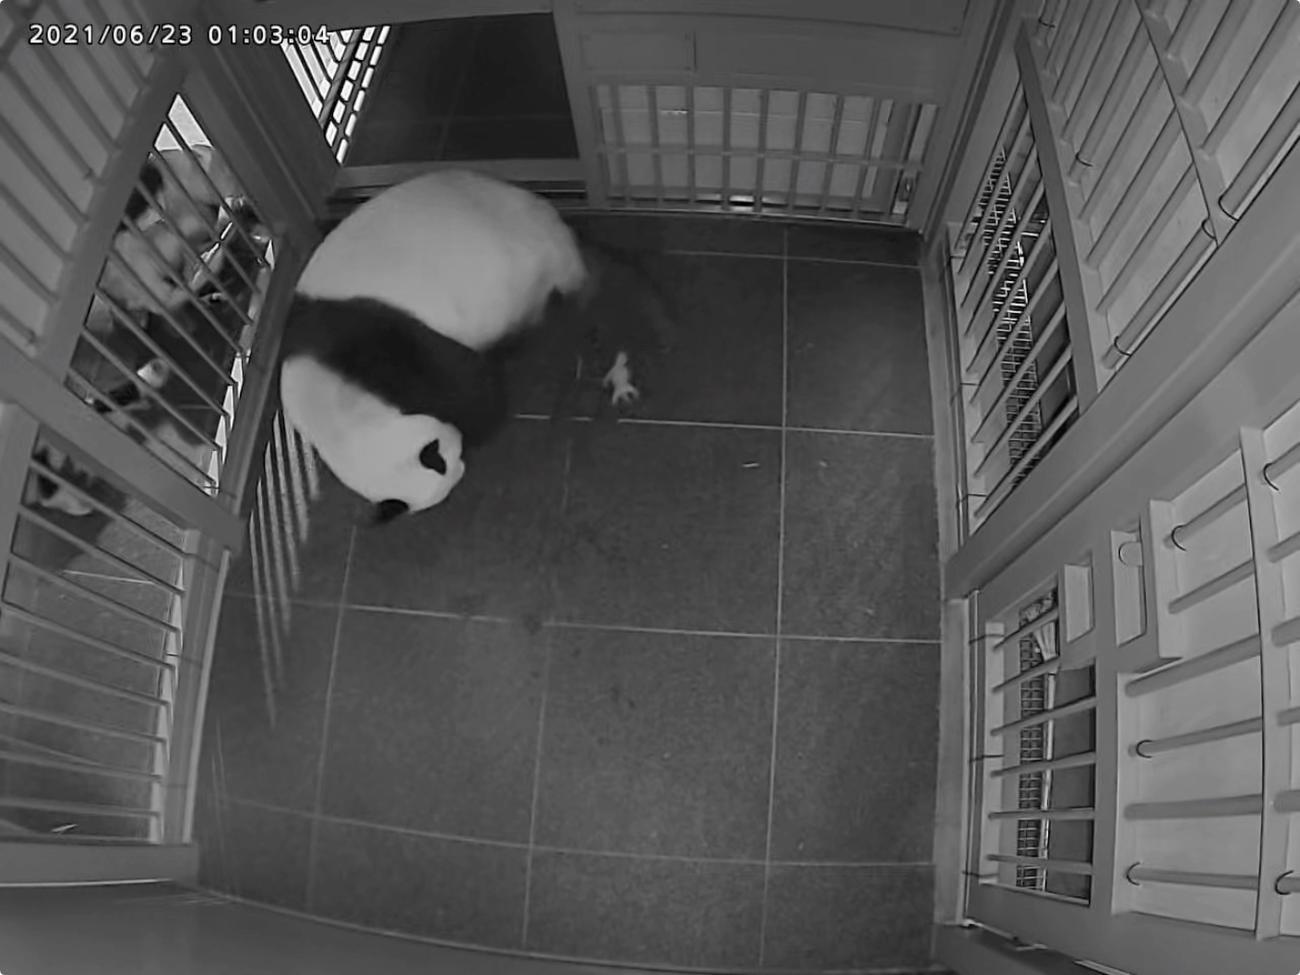 シンシンと生まれた直後の1頭目の赤ちゃんパンダ=6月23日午前1時すぎ(公財)東京動物園協会提供